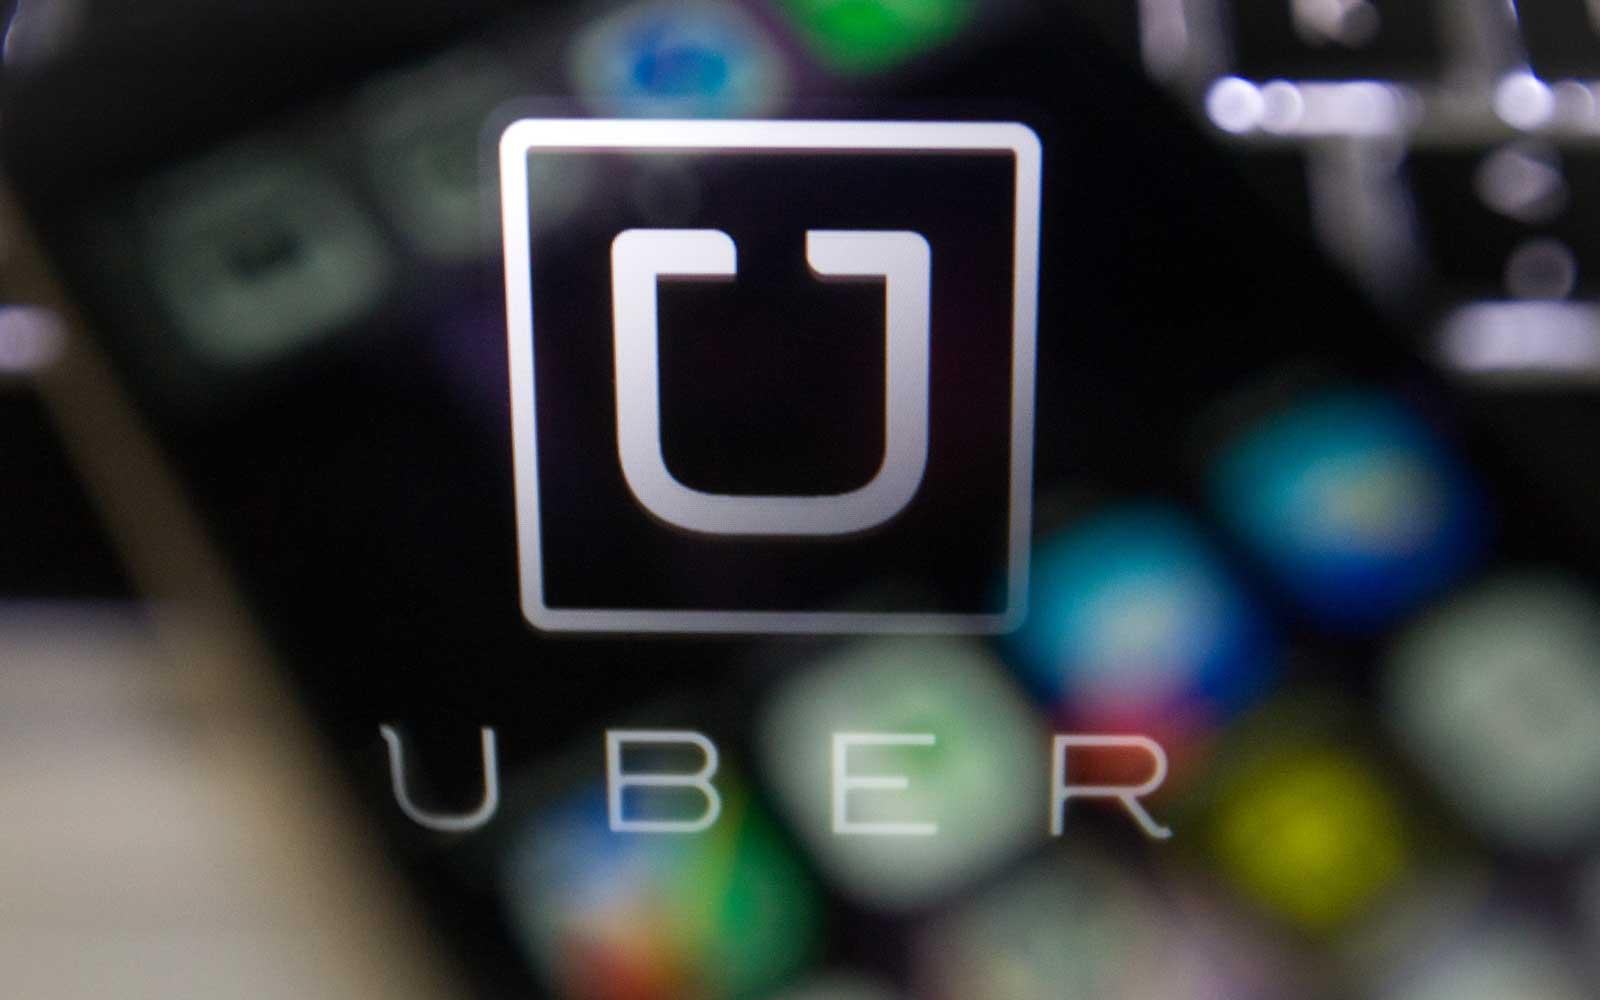 uber 50 bin şoförü